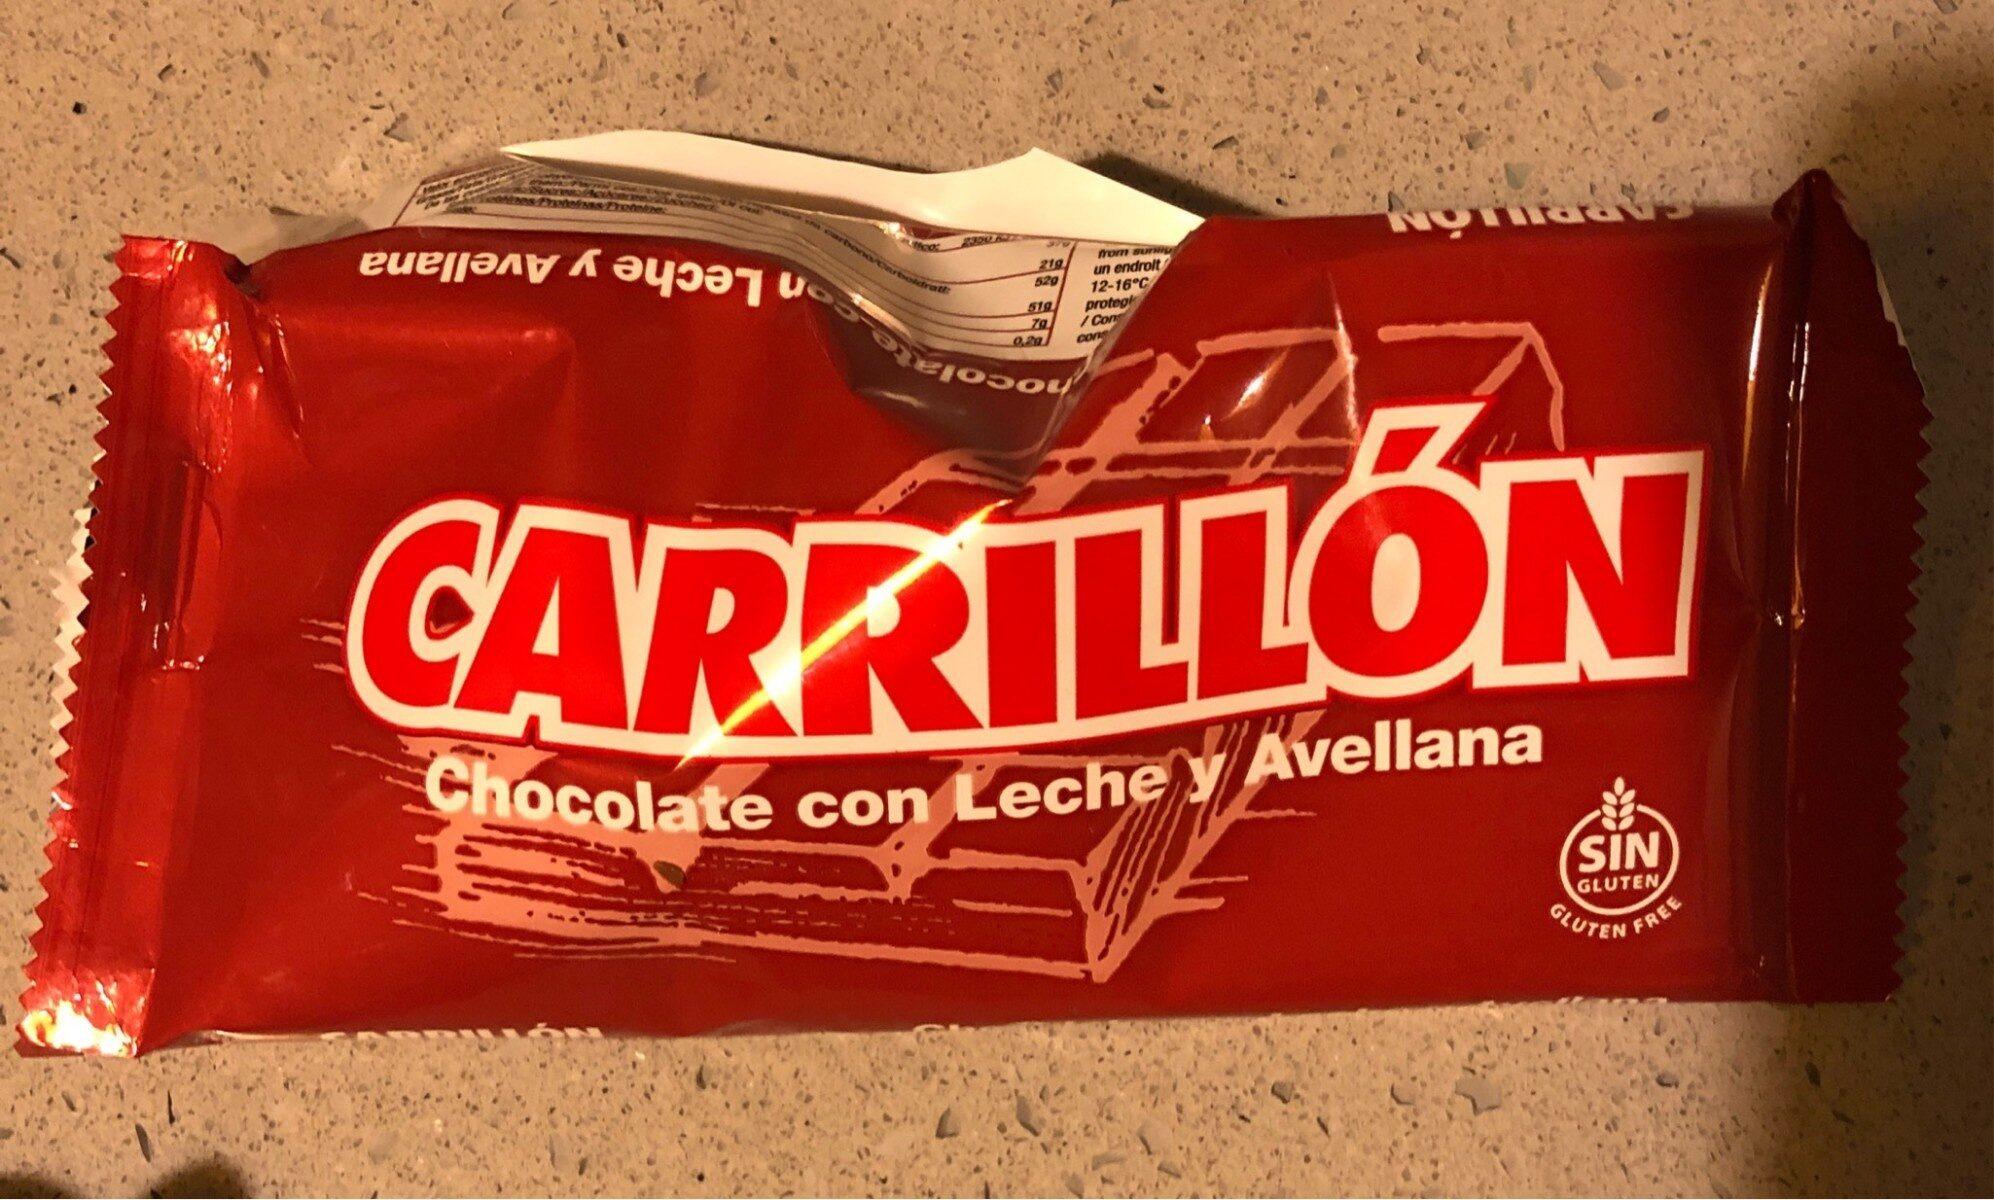 Cjocolate con leche y avellana - Product